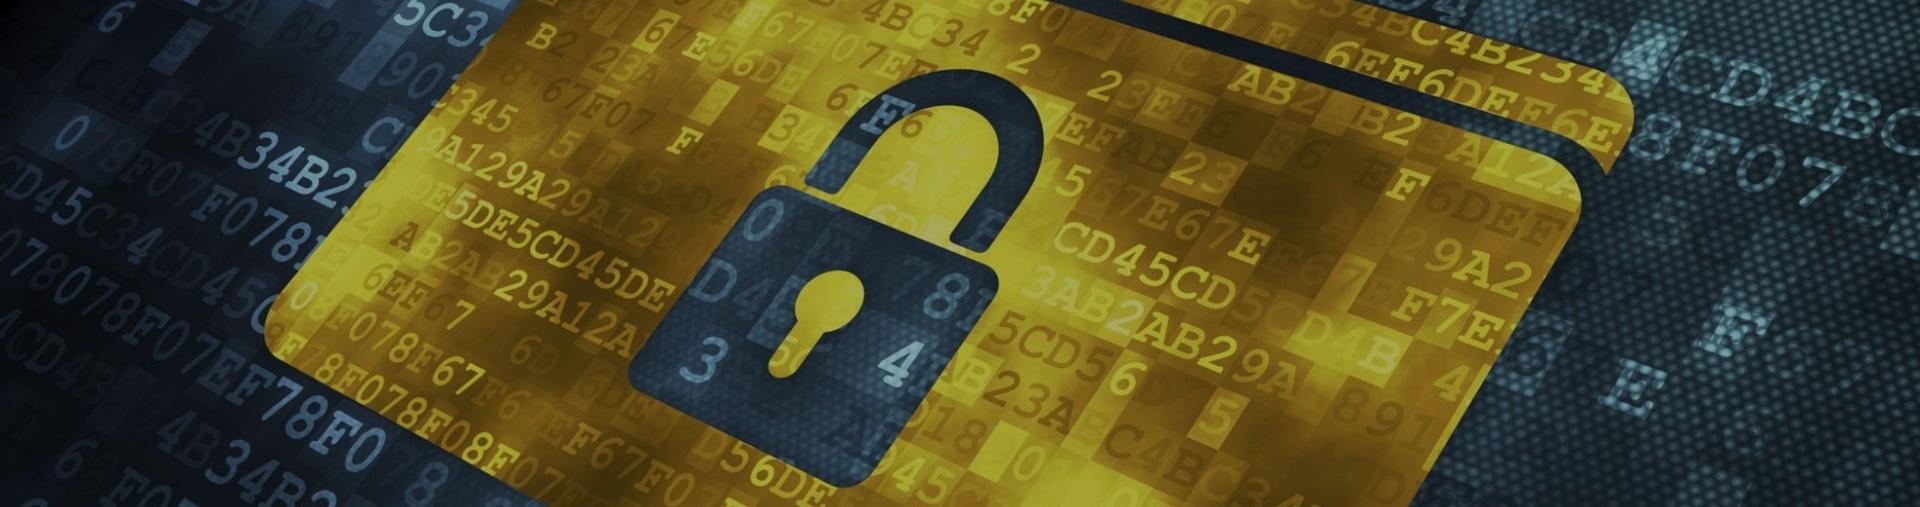 ssl_certificado_seguridad